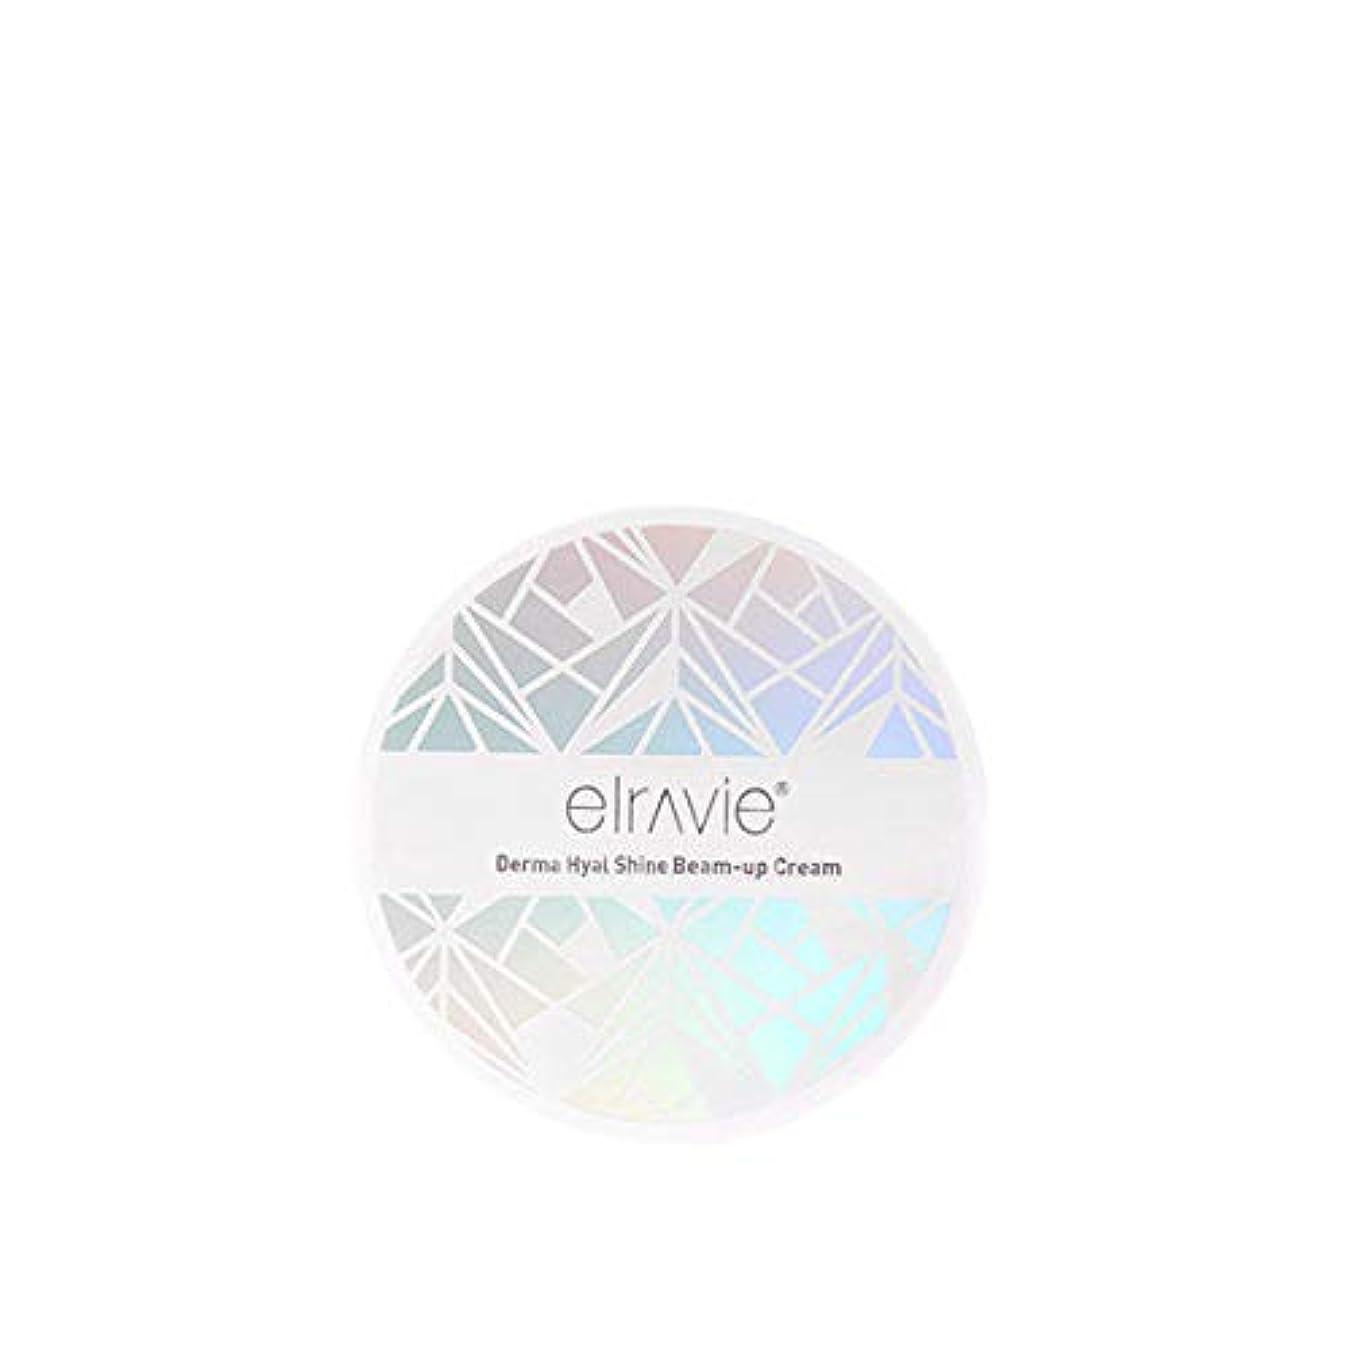 クレデンシャル歌手相互エラヴィー[Elravie] ダーマヒアルロン酸 輝くビームアップクリーム15g / Derma Hyal Shine Beam-up Cream